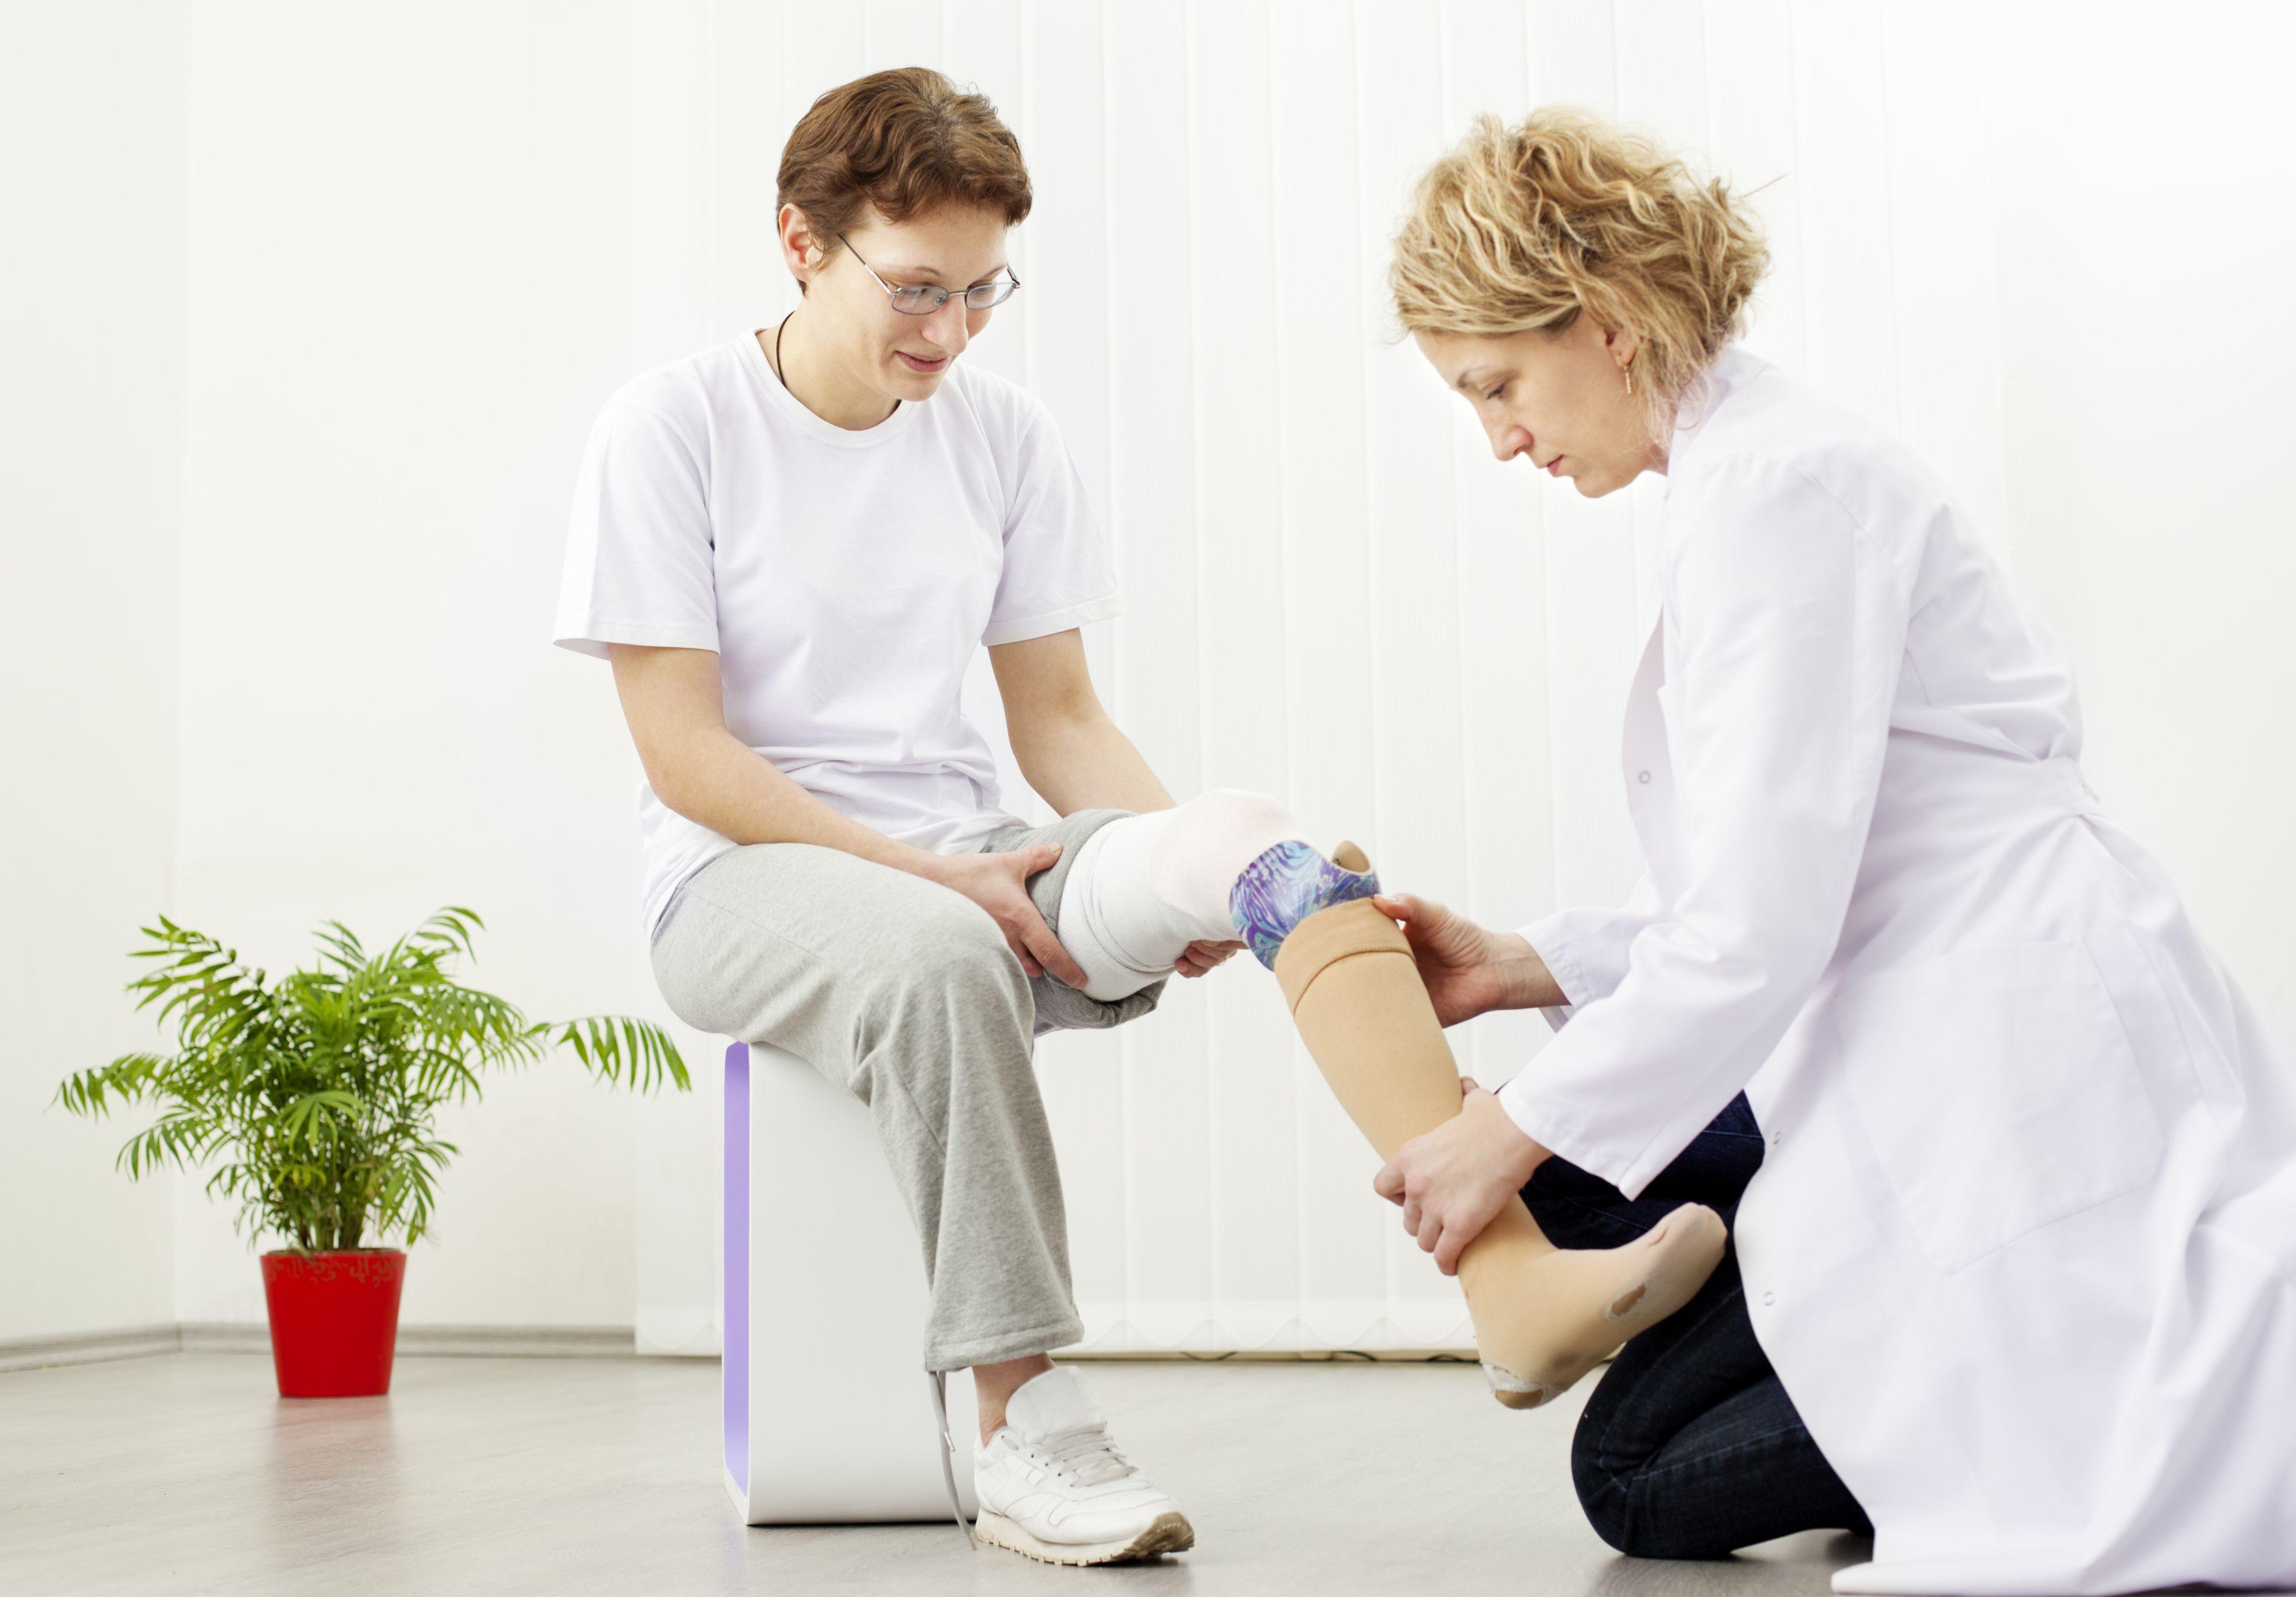 Orthotist or Prosthetist - Career Information